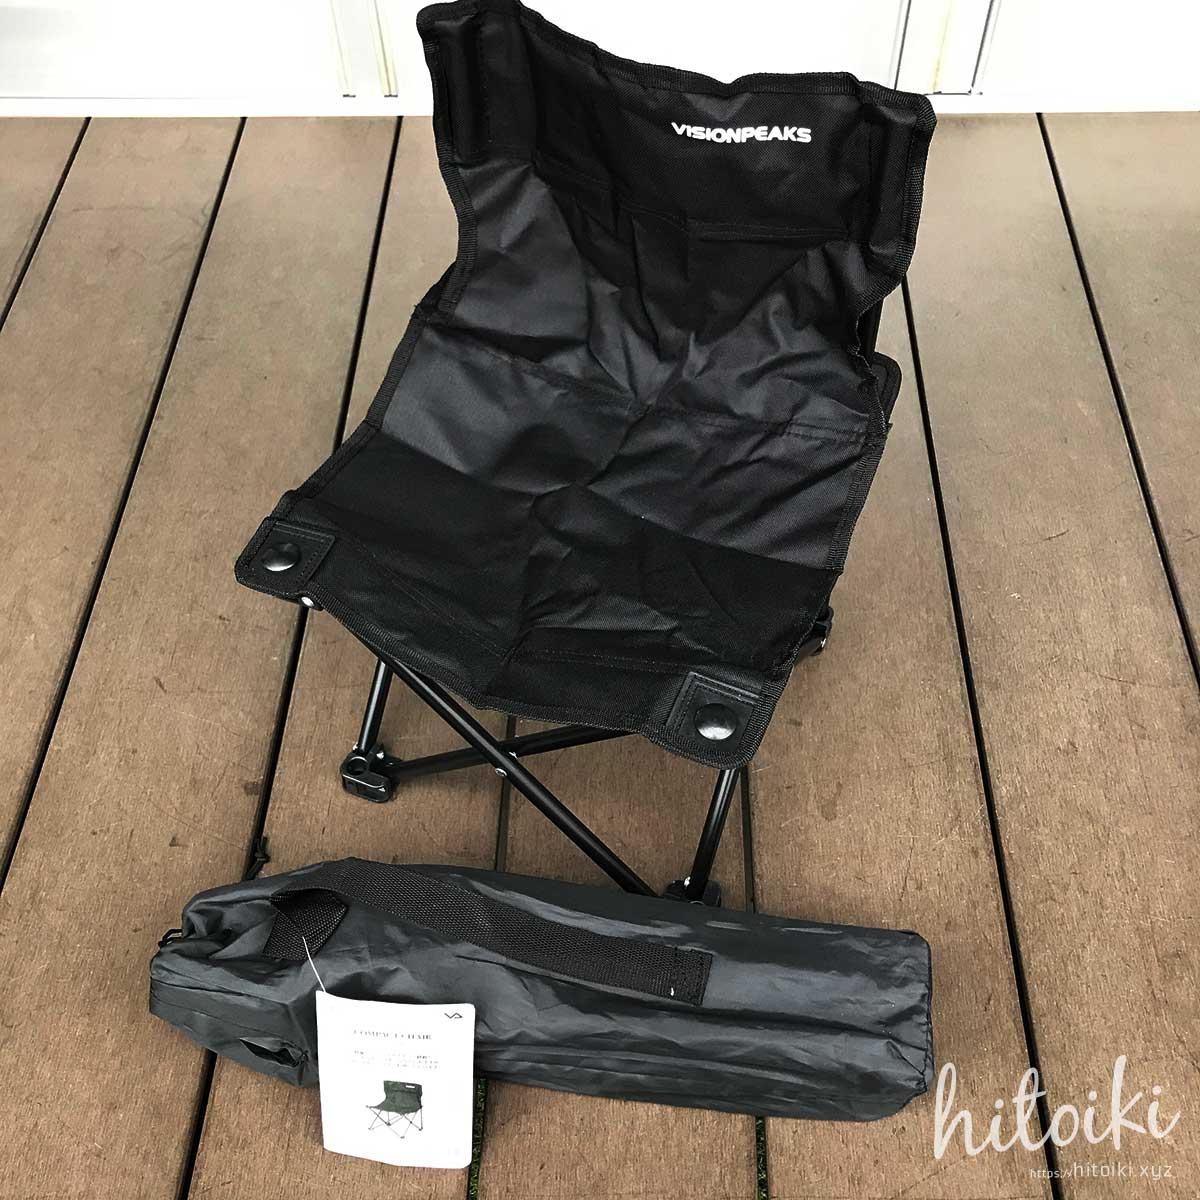 ヒマラヤ ビジョンピークスのアウトドアチェア コンパクトタイプ himaraya_visionpeaks_outdoor-chair_img_3863